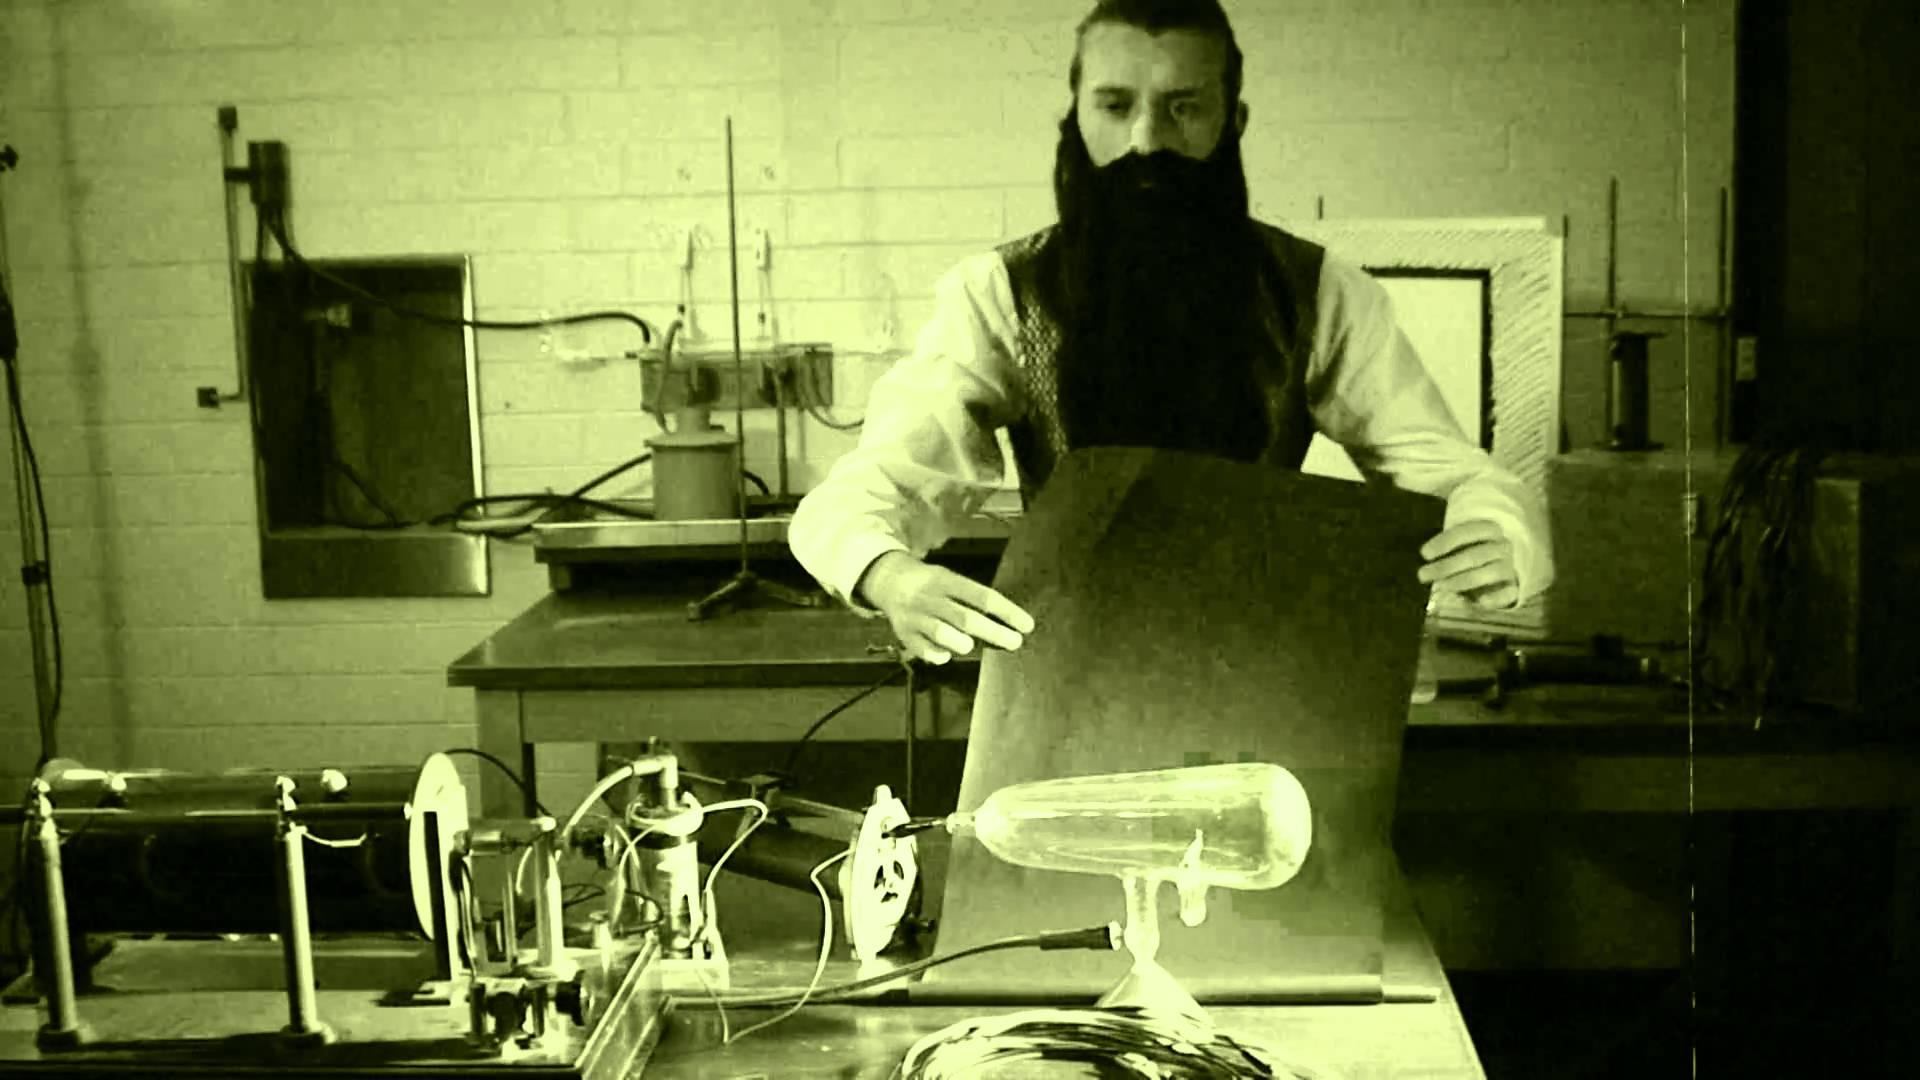 aaa-Wilhelm röntgen